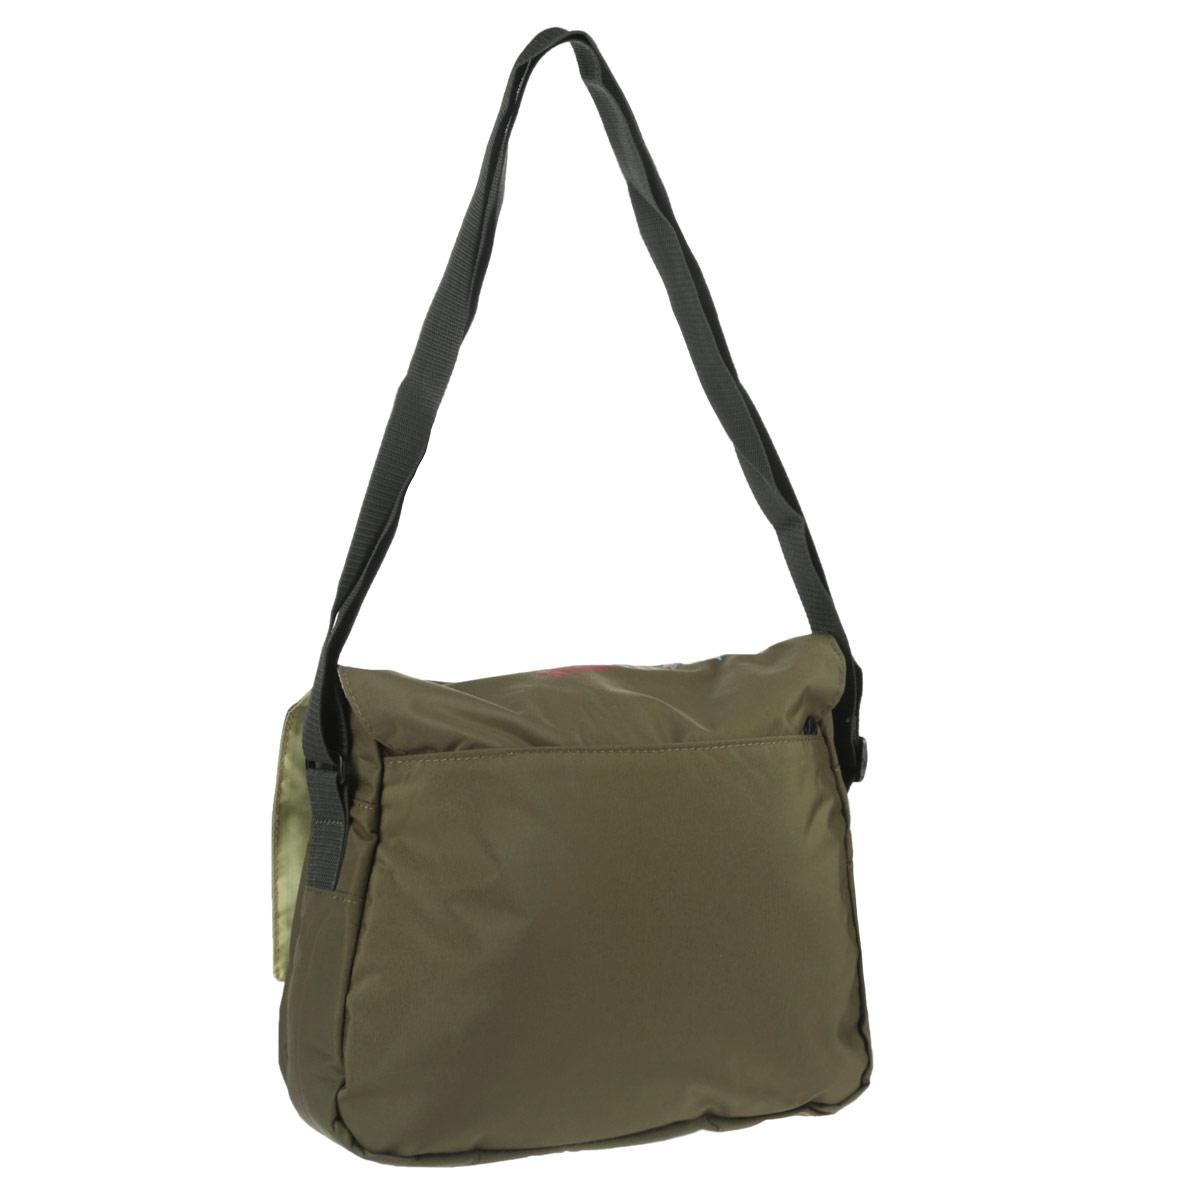 Молодежная сумка с двумя отделениями, клапаном, плоскими карманами на передней и задней стенках, внутренним карманом, с регулируемым плечевым ремнем